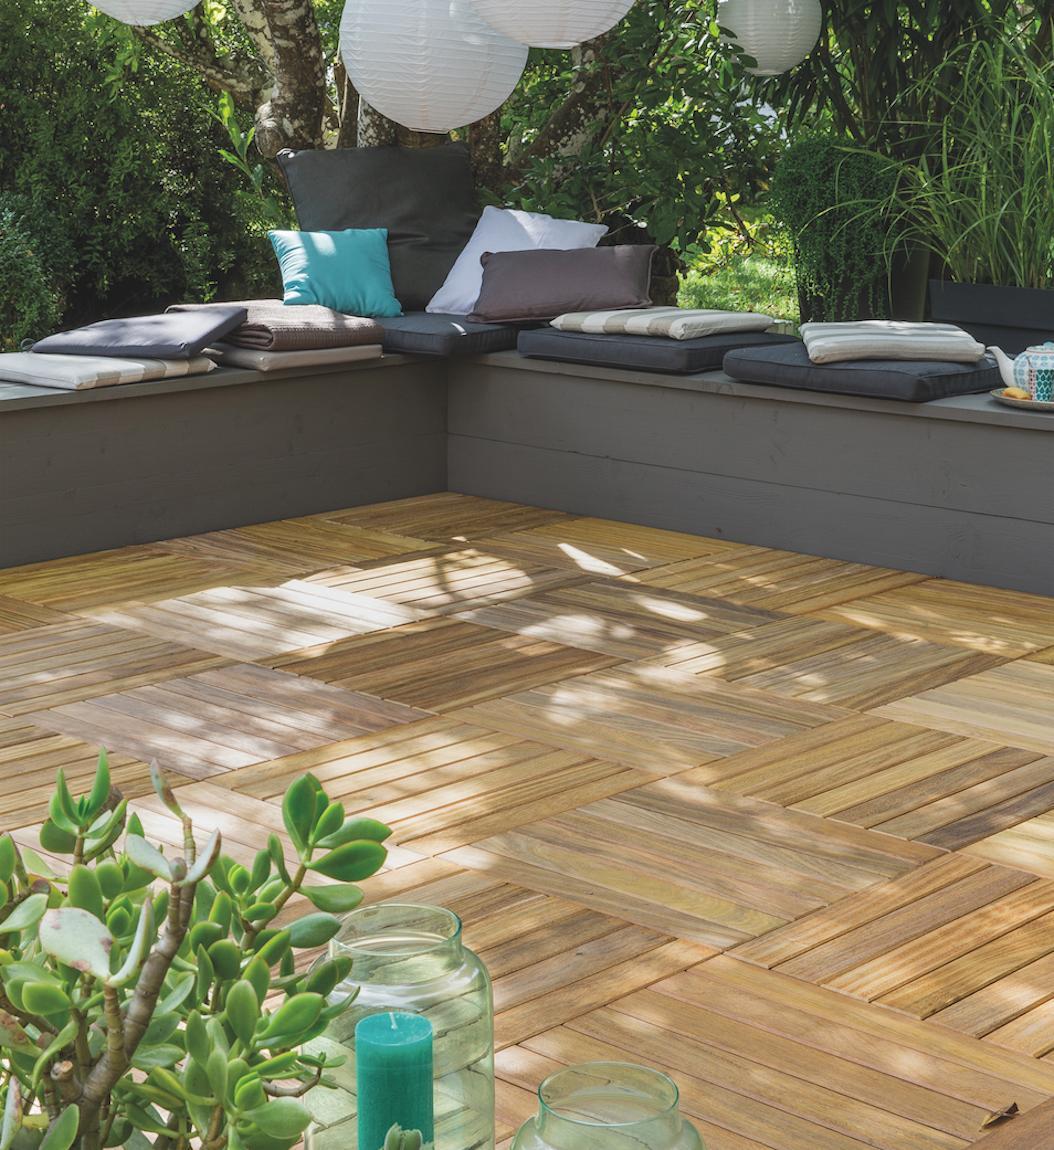 Dalle Schiste Leroy Merlin pieds nus au jardin - extérieurs design